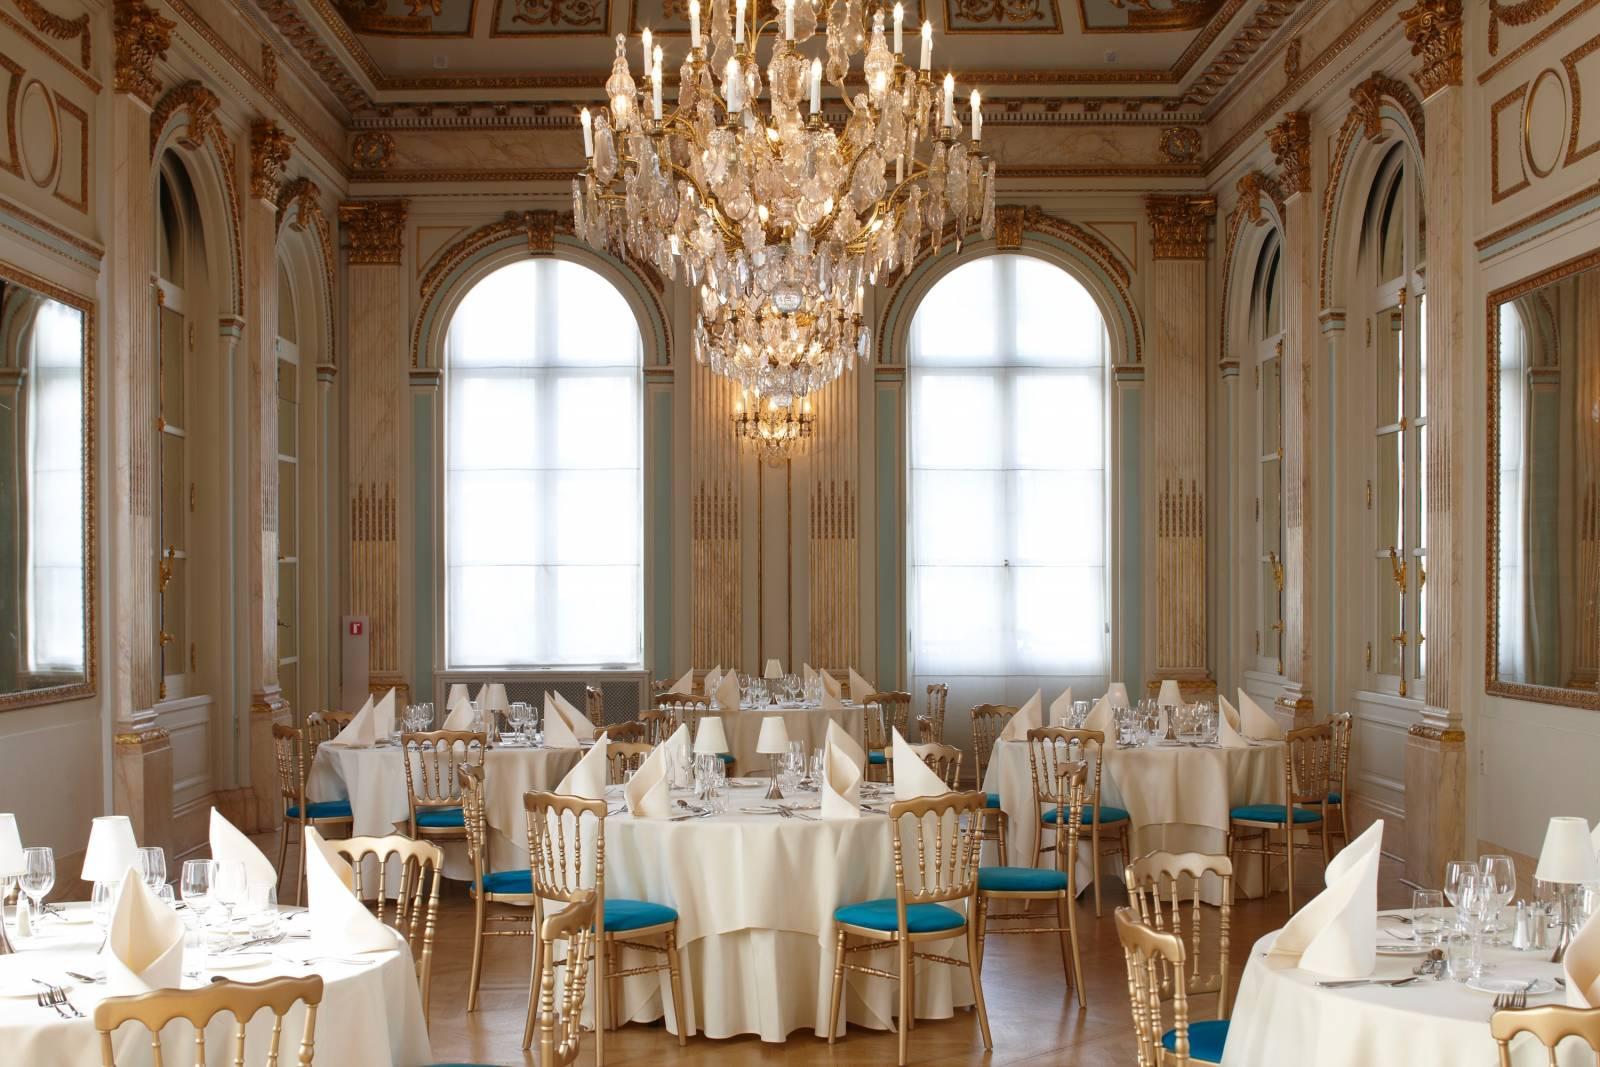 De Spiegelzaal - Feestzaal op de Meir - Antwerpen - House of Weddings - 9